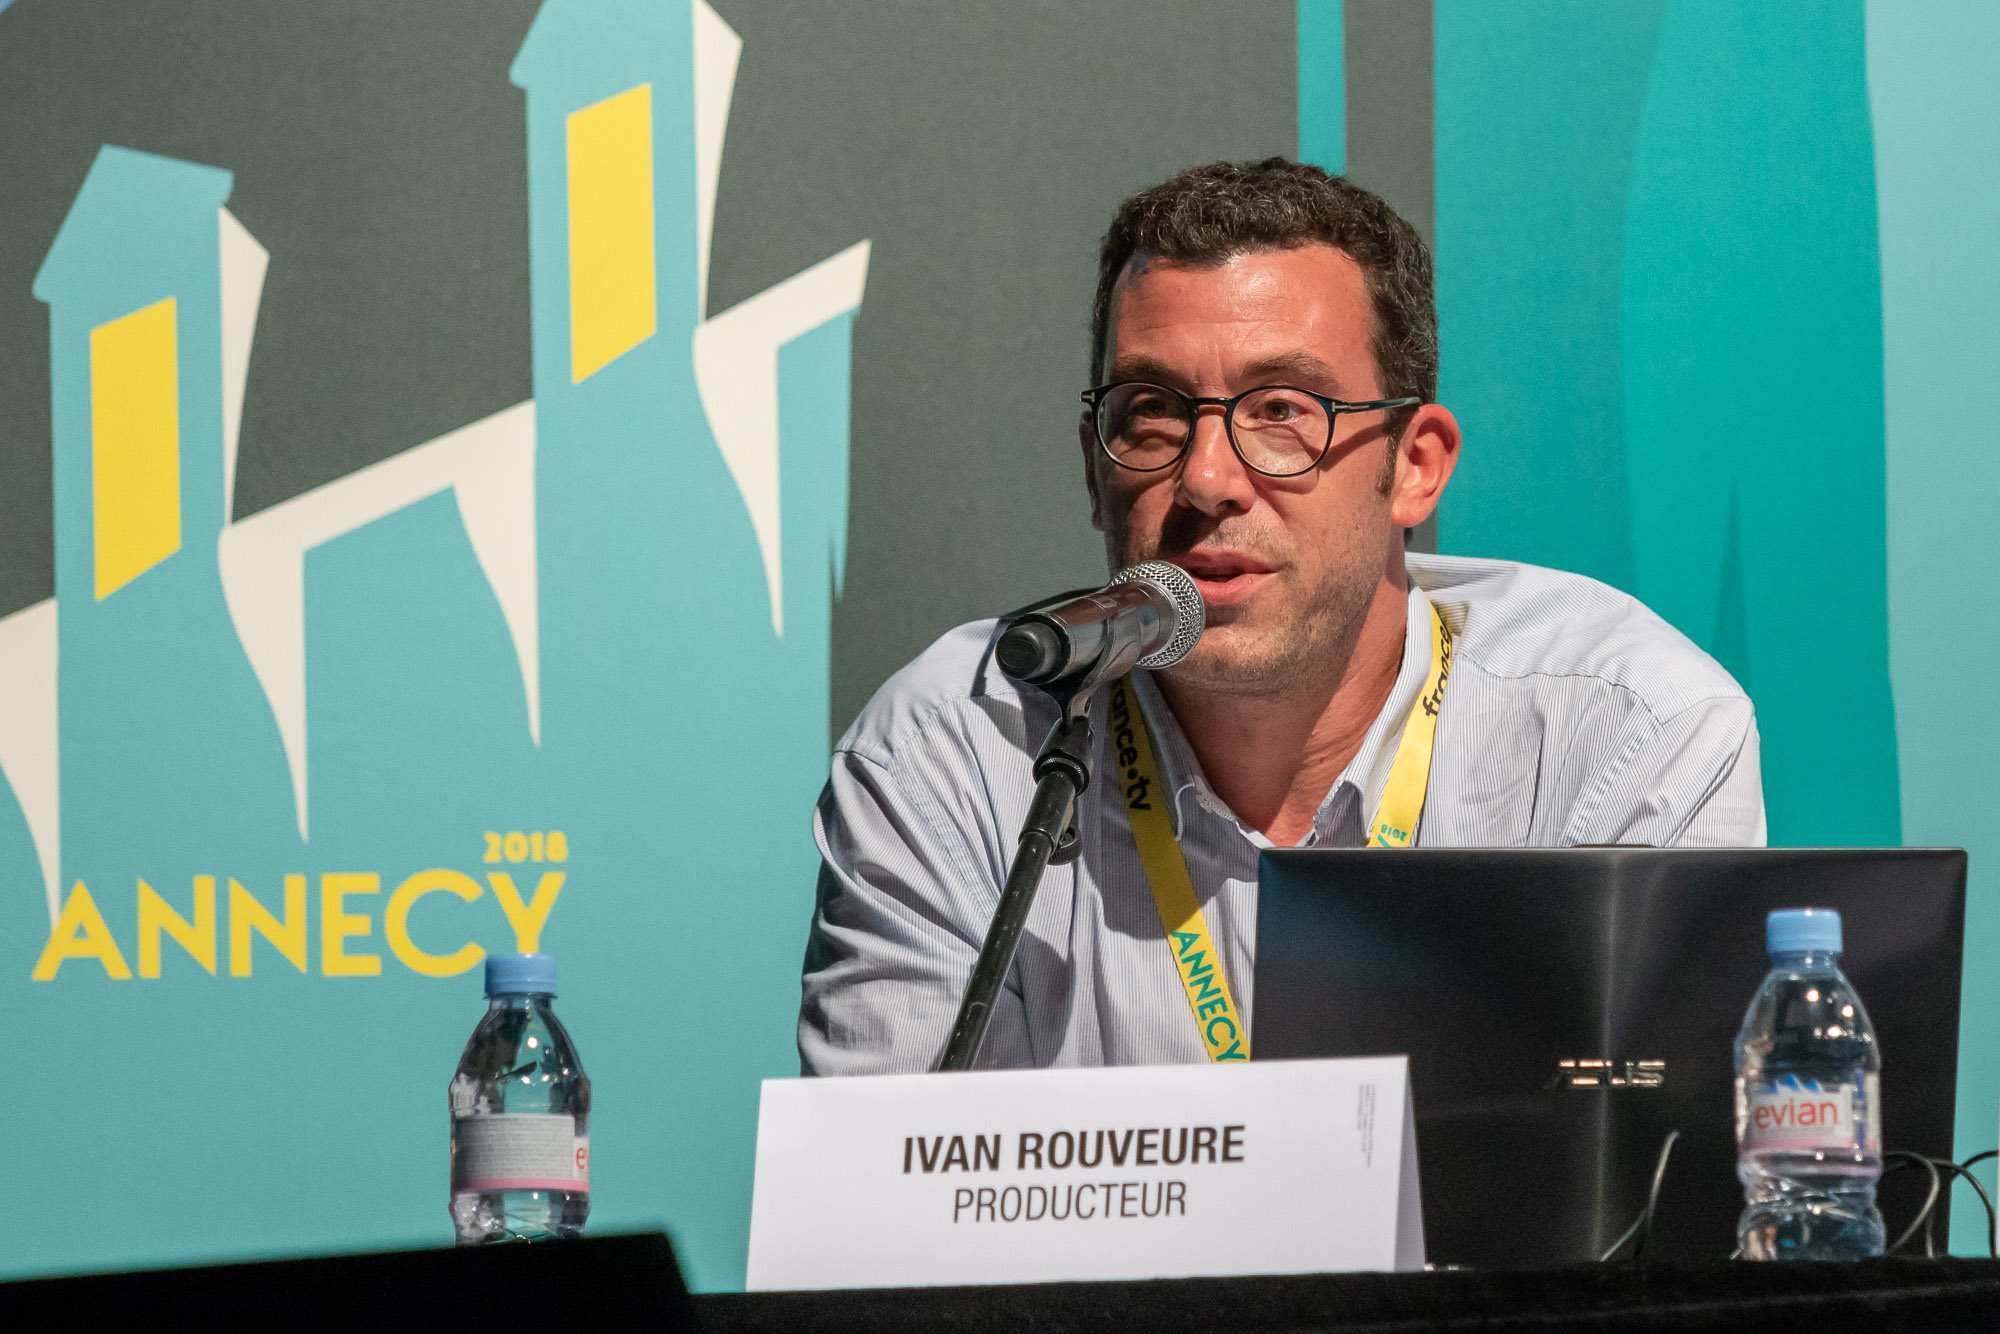 Ivan Rouveure